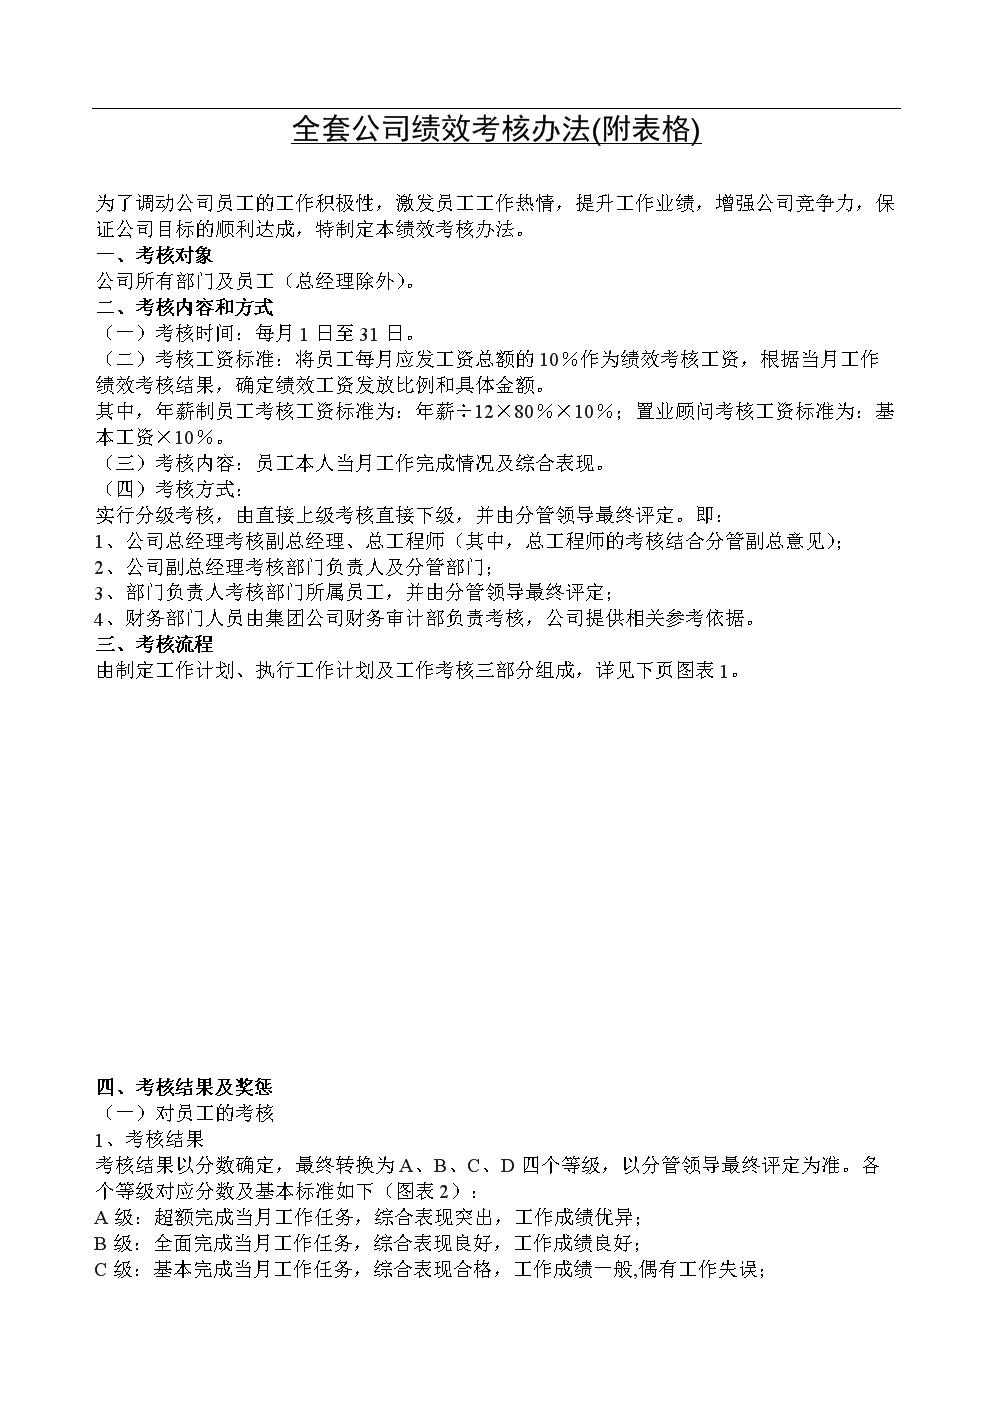 公司绩效考核管理办法及附表(19P Doc).docx